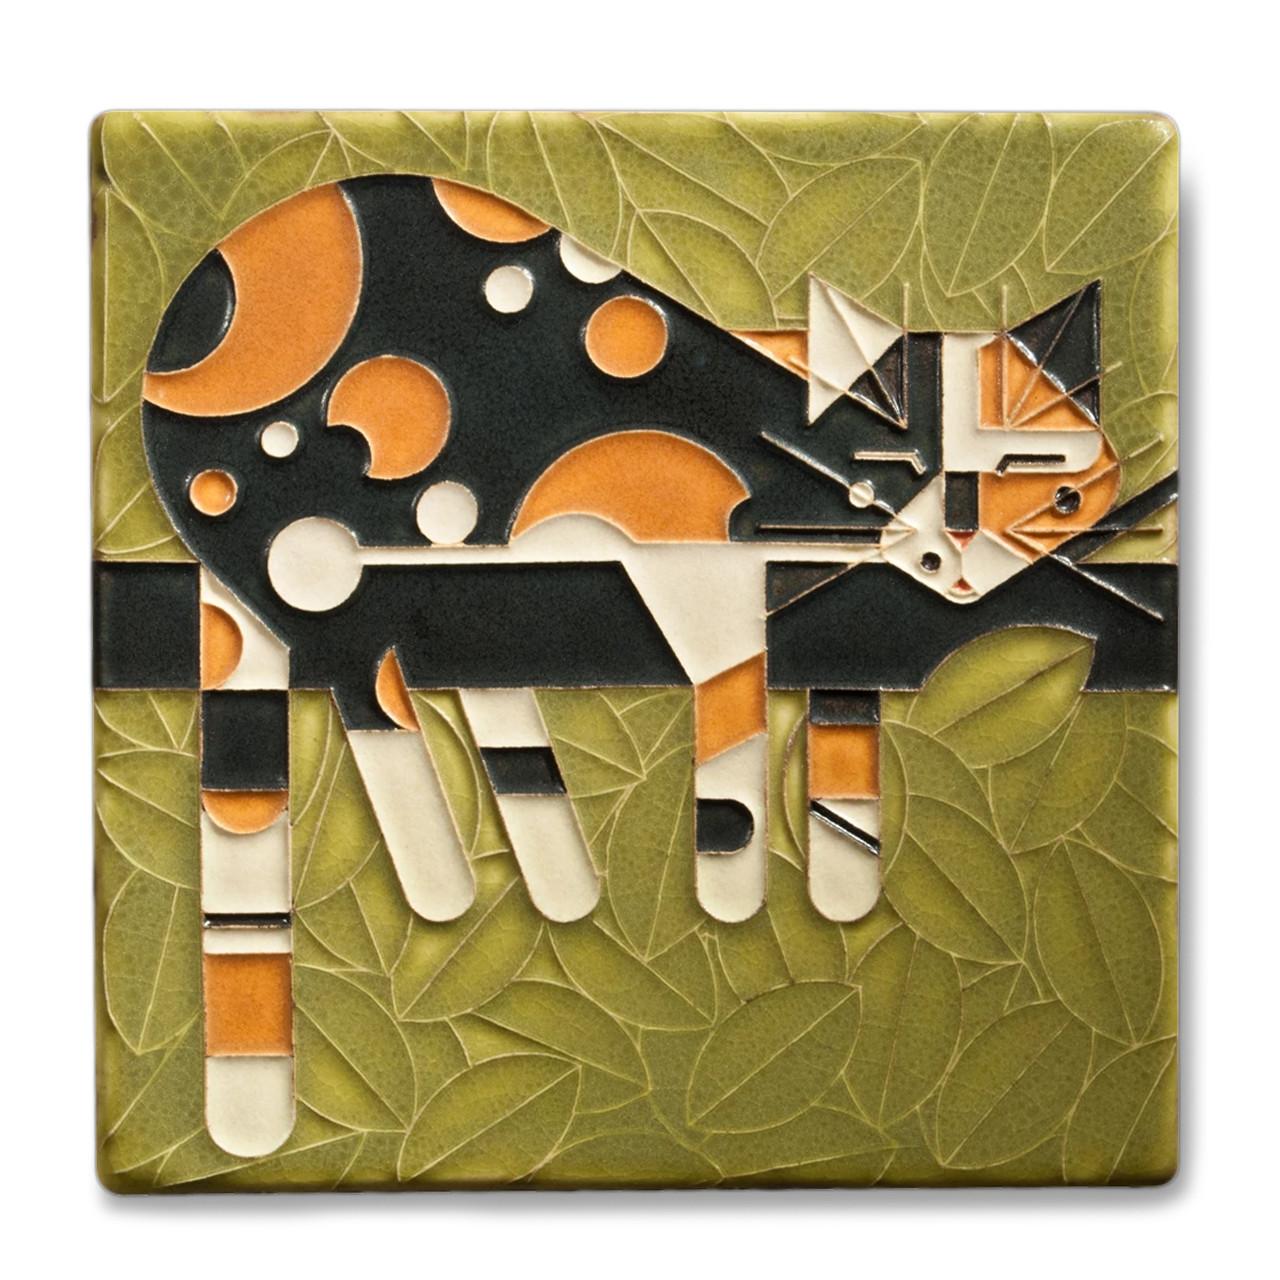 motawi tileworks charley harper limp on a limb tile 6x6